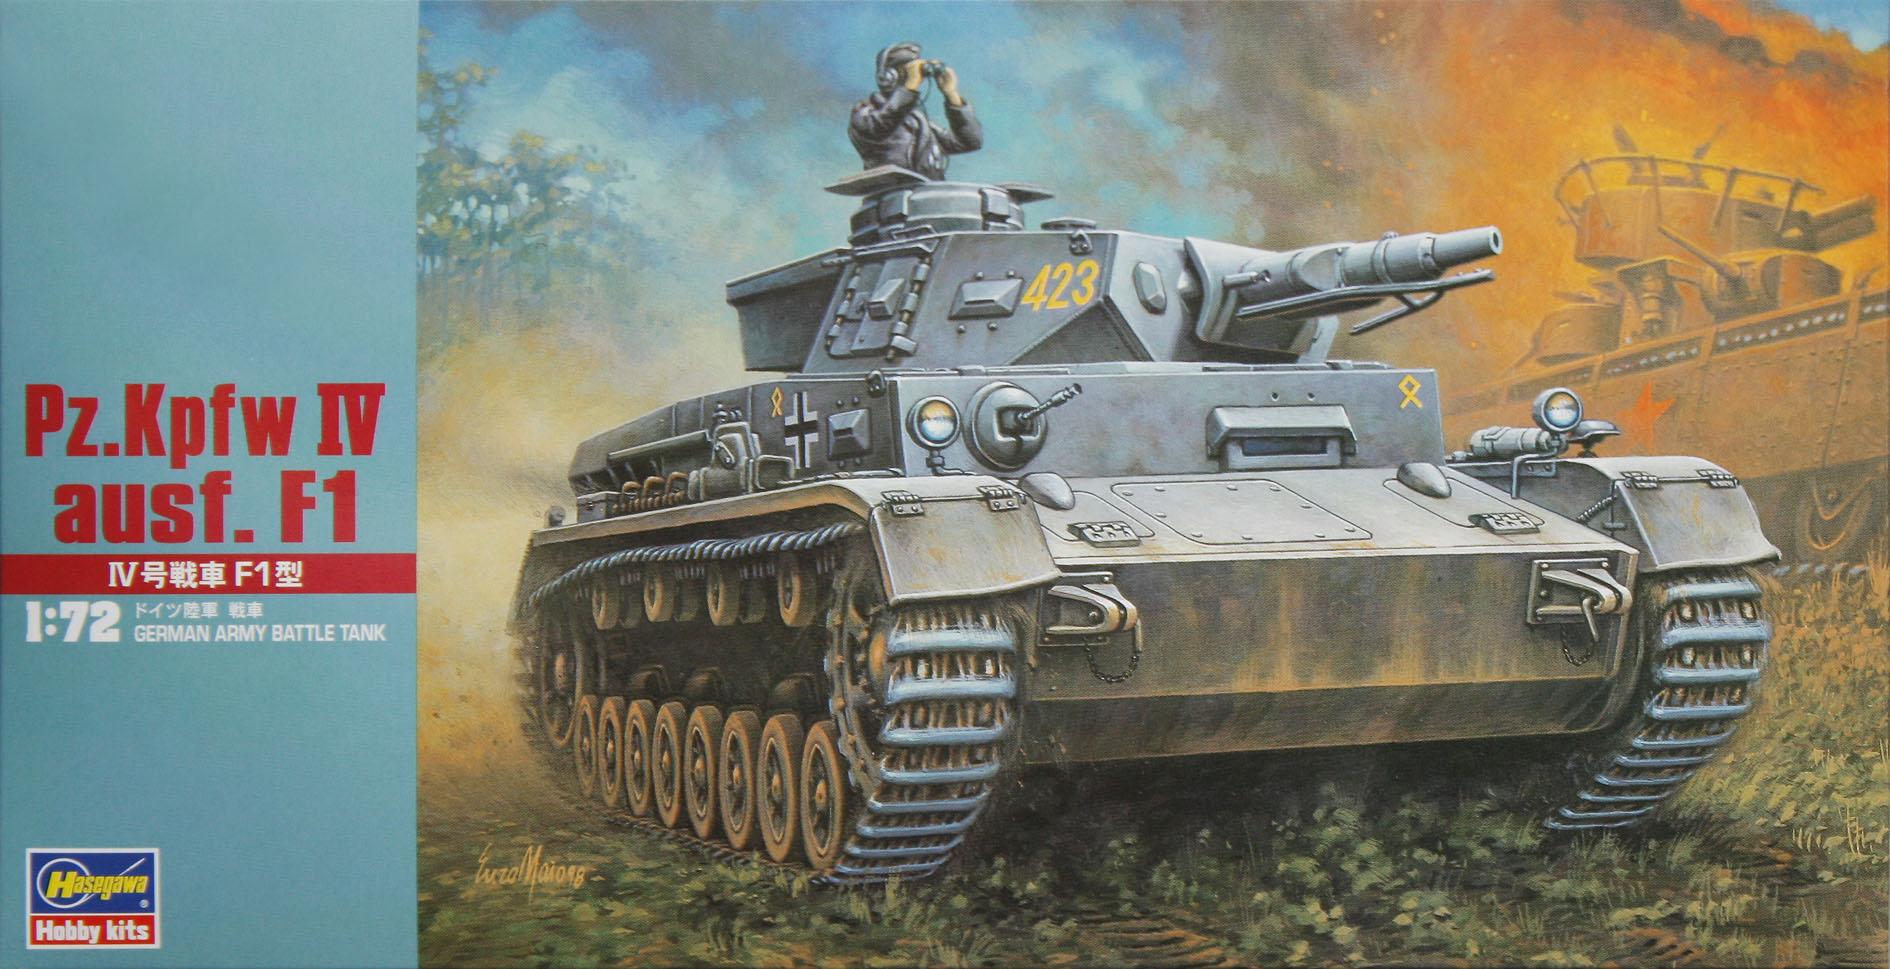 Hasegawa Pz.Kpfw IV Ausf. F1